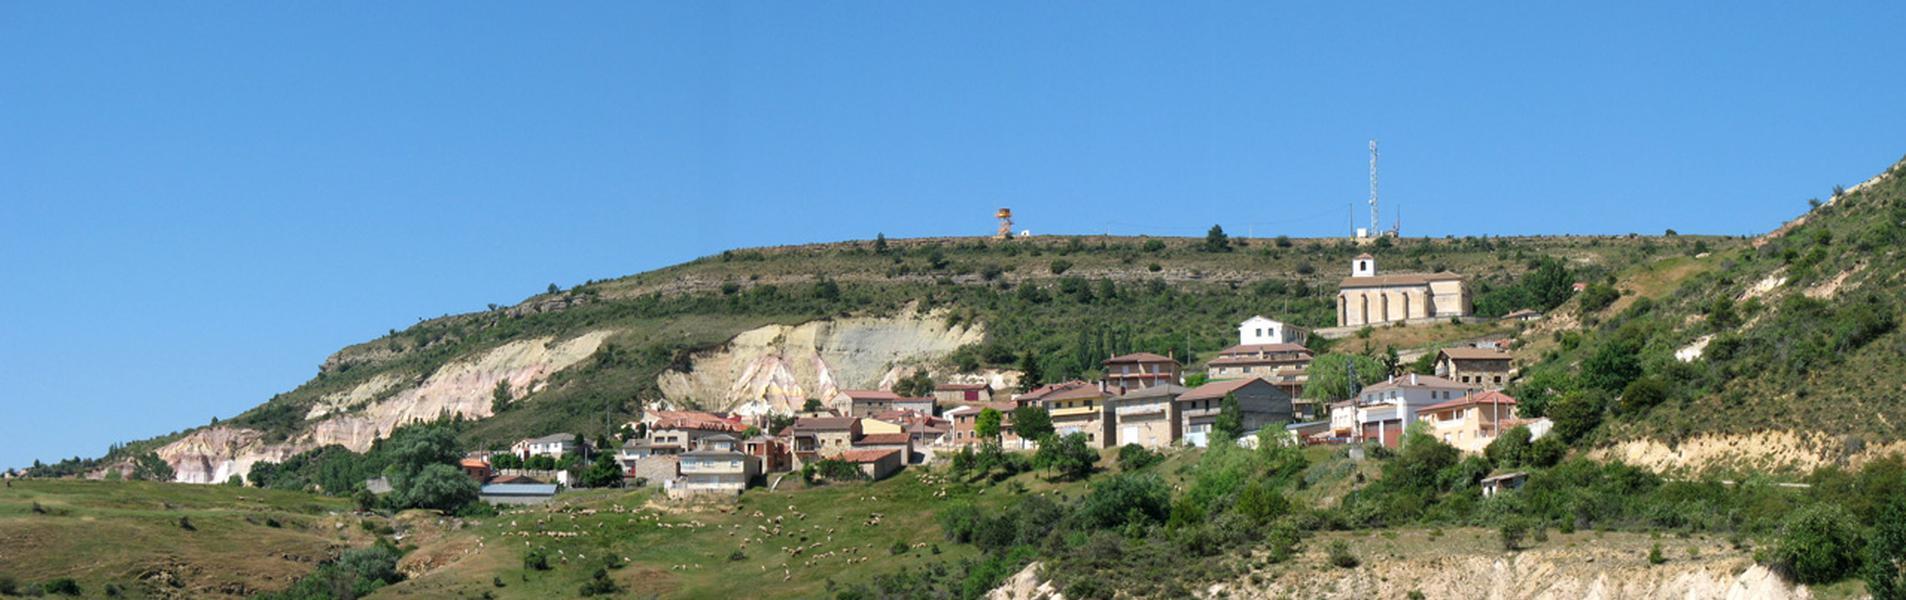 Peñalén